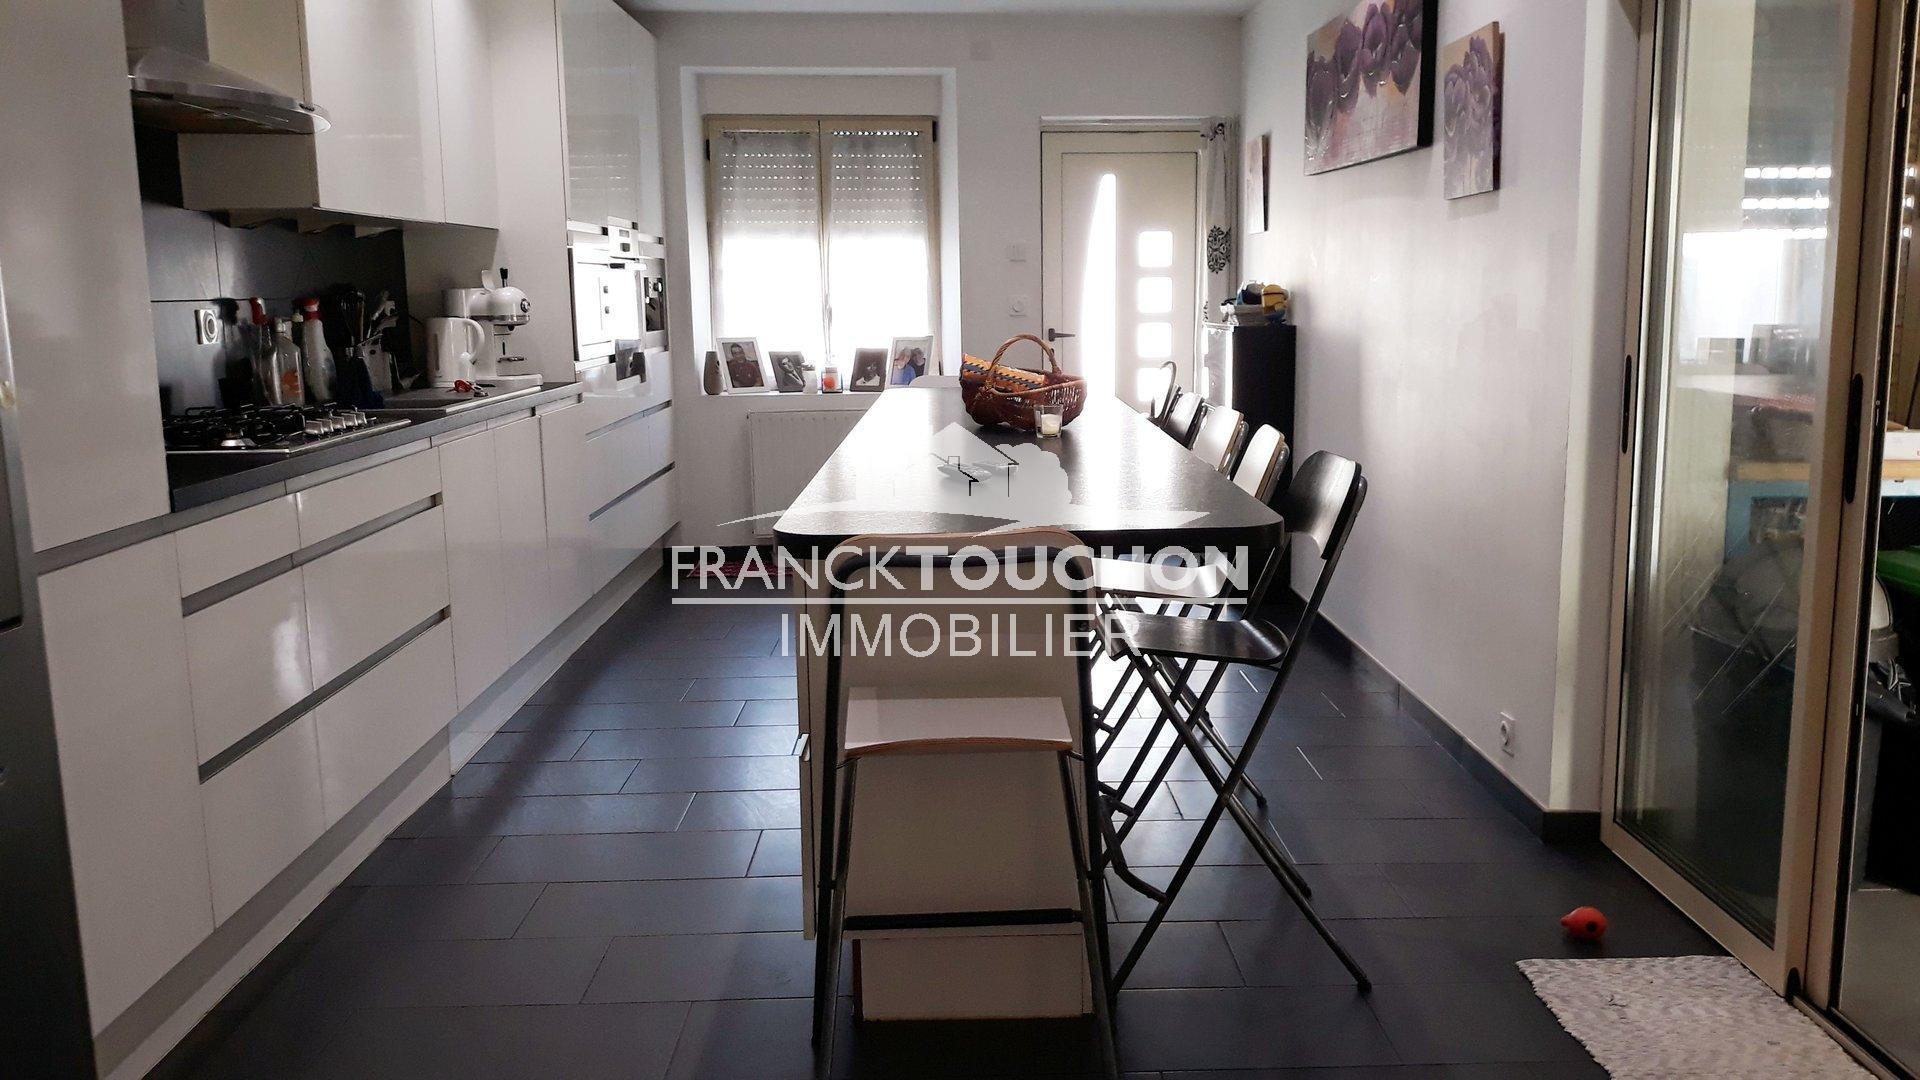 MAISON DE VILLE à NEMOURS (sud 77) - non inondable - 1h de PARIS - 4 chambres - 135 m² hab - garage et patio